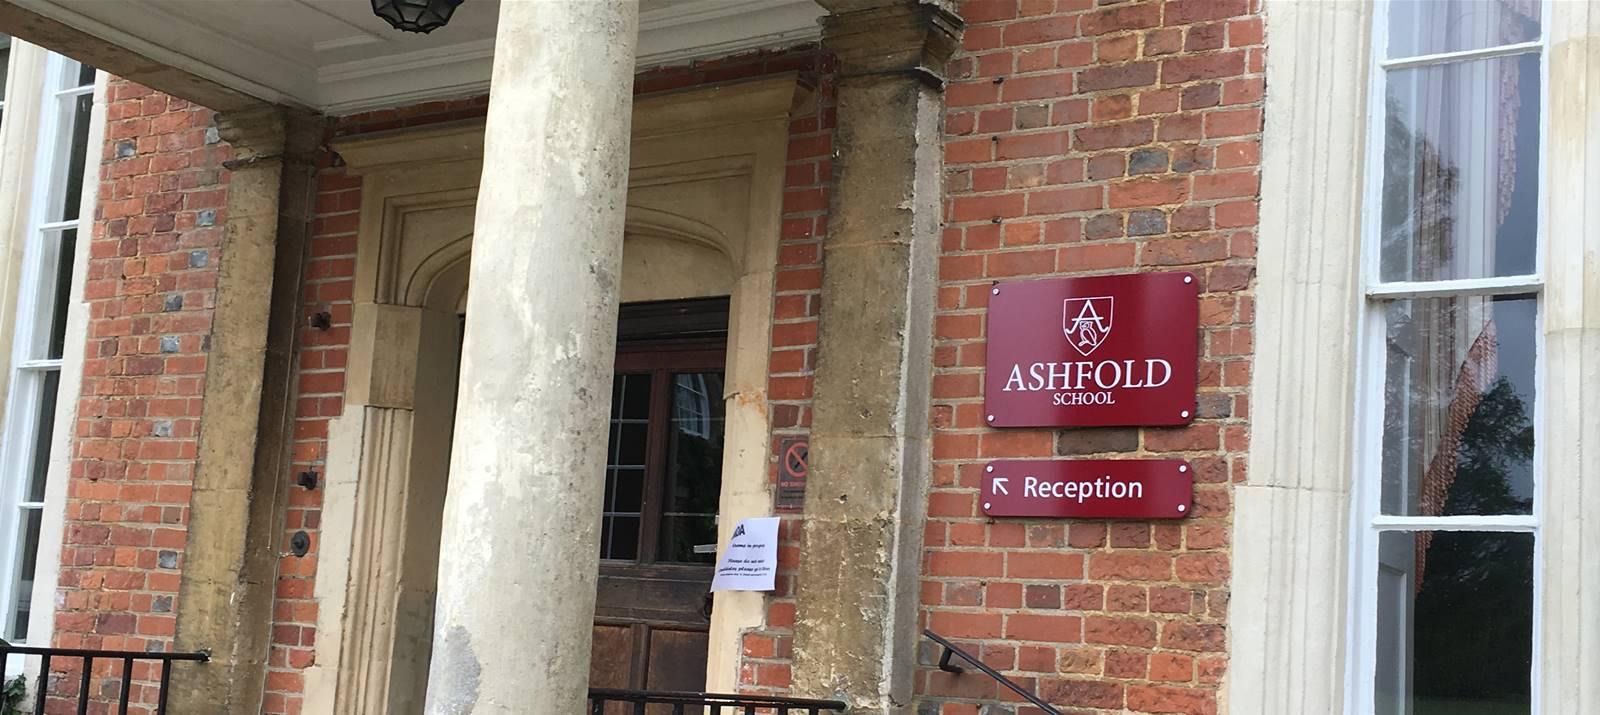 Ashfold School Sign Signage